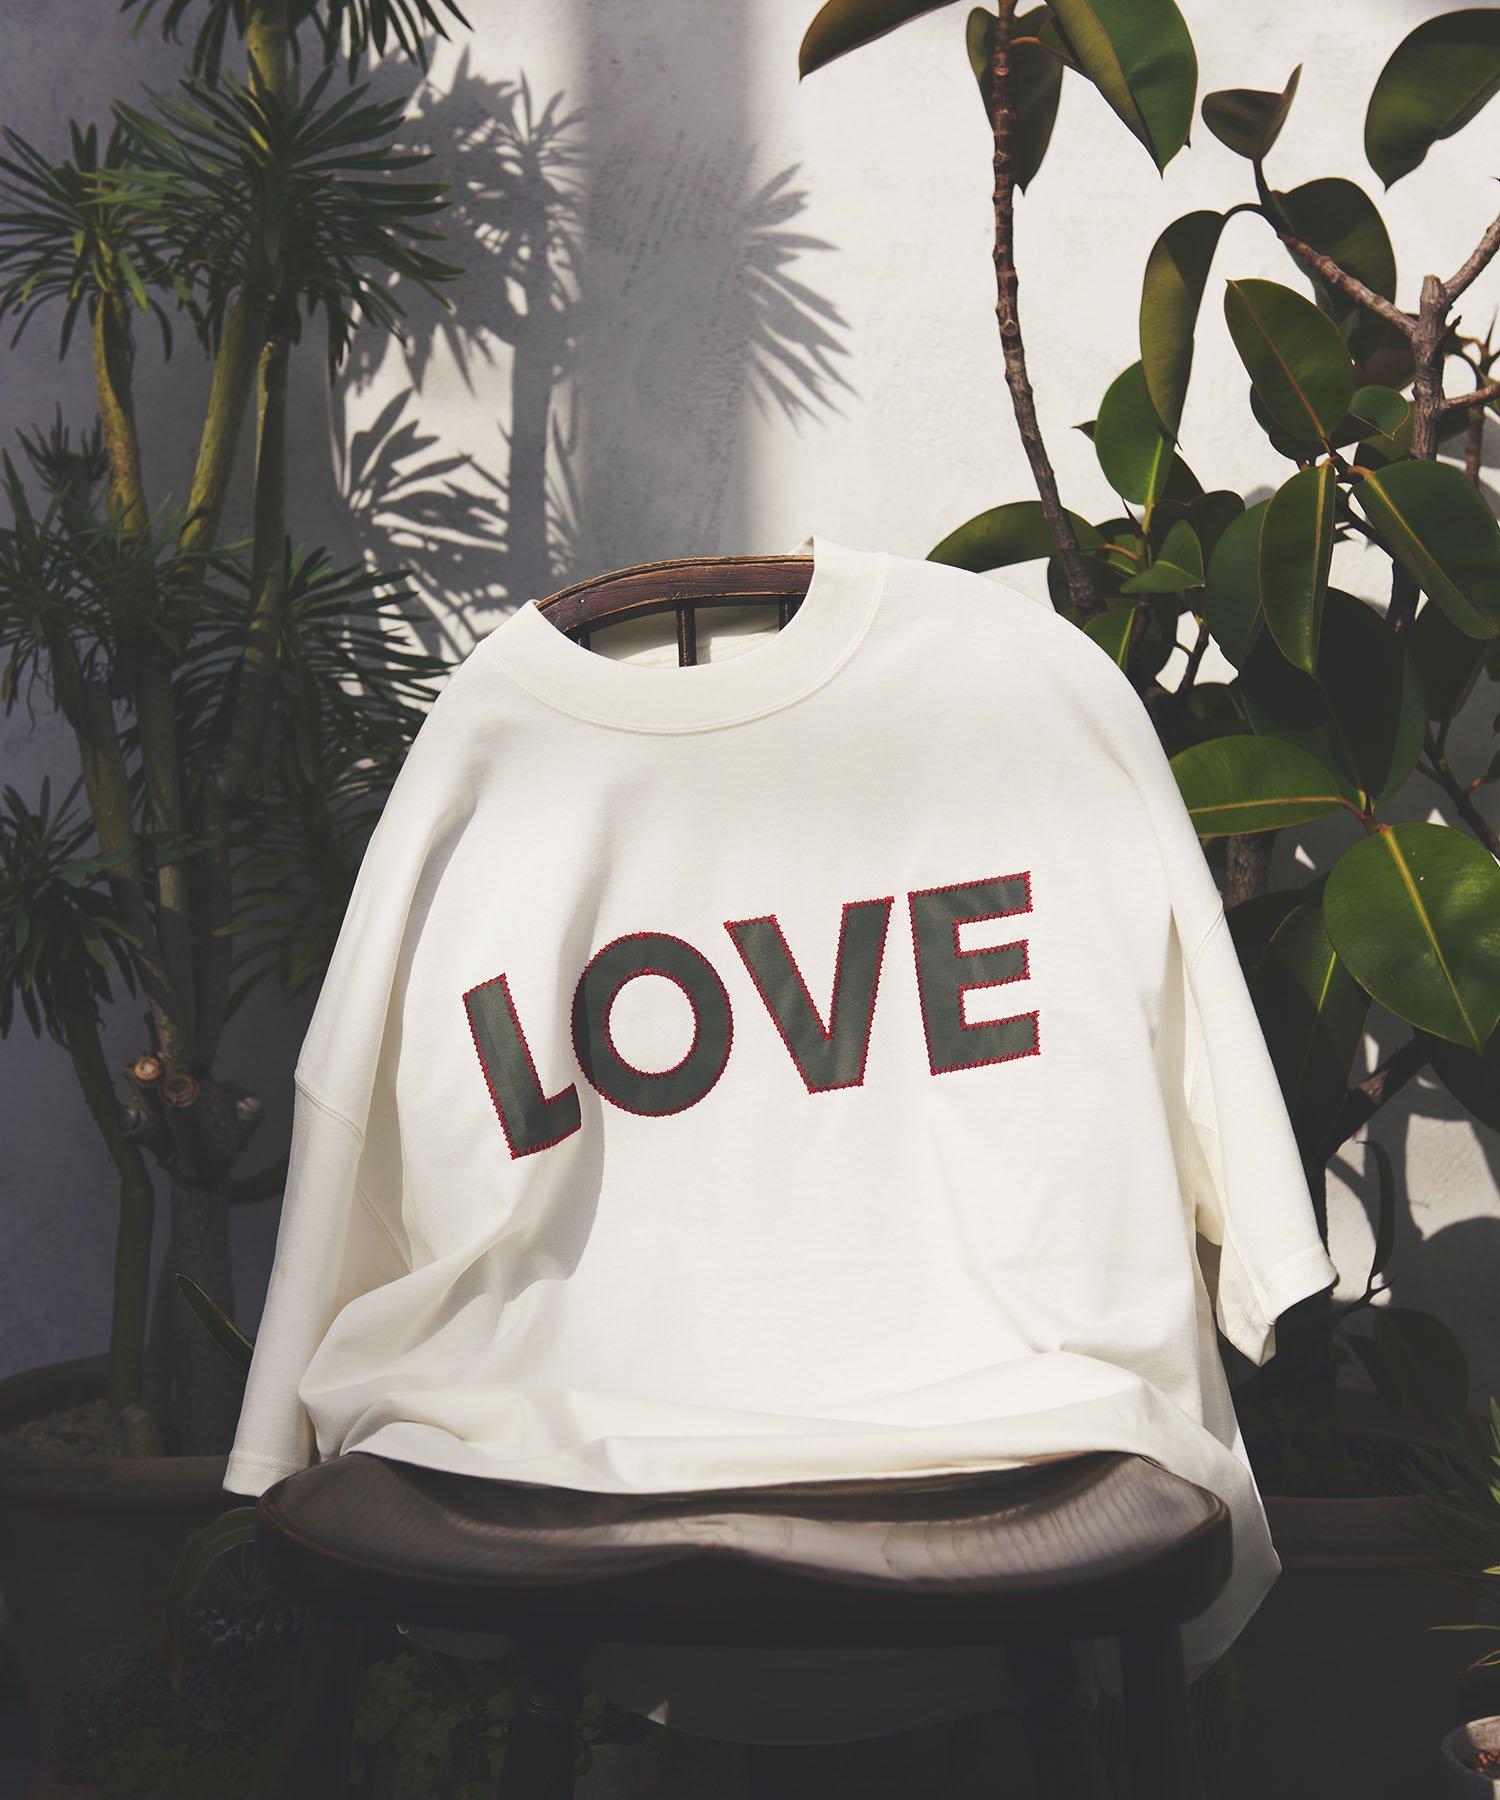 【KATHARINE HAMNETT】LOVE オーガニックコットン オーバーサイズTシャツ WHT